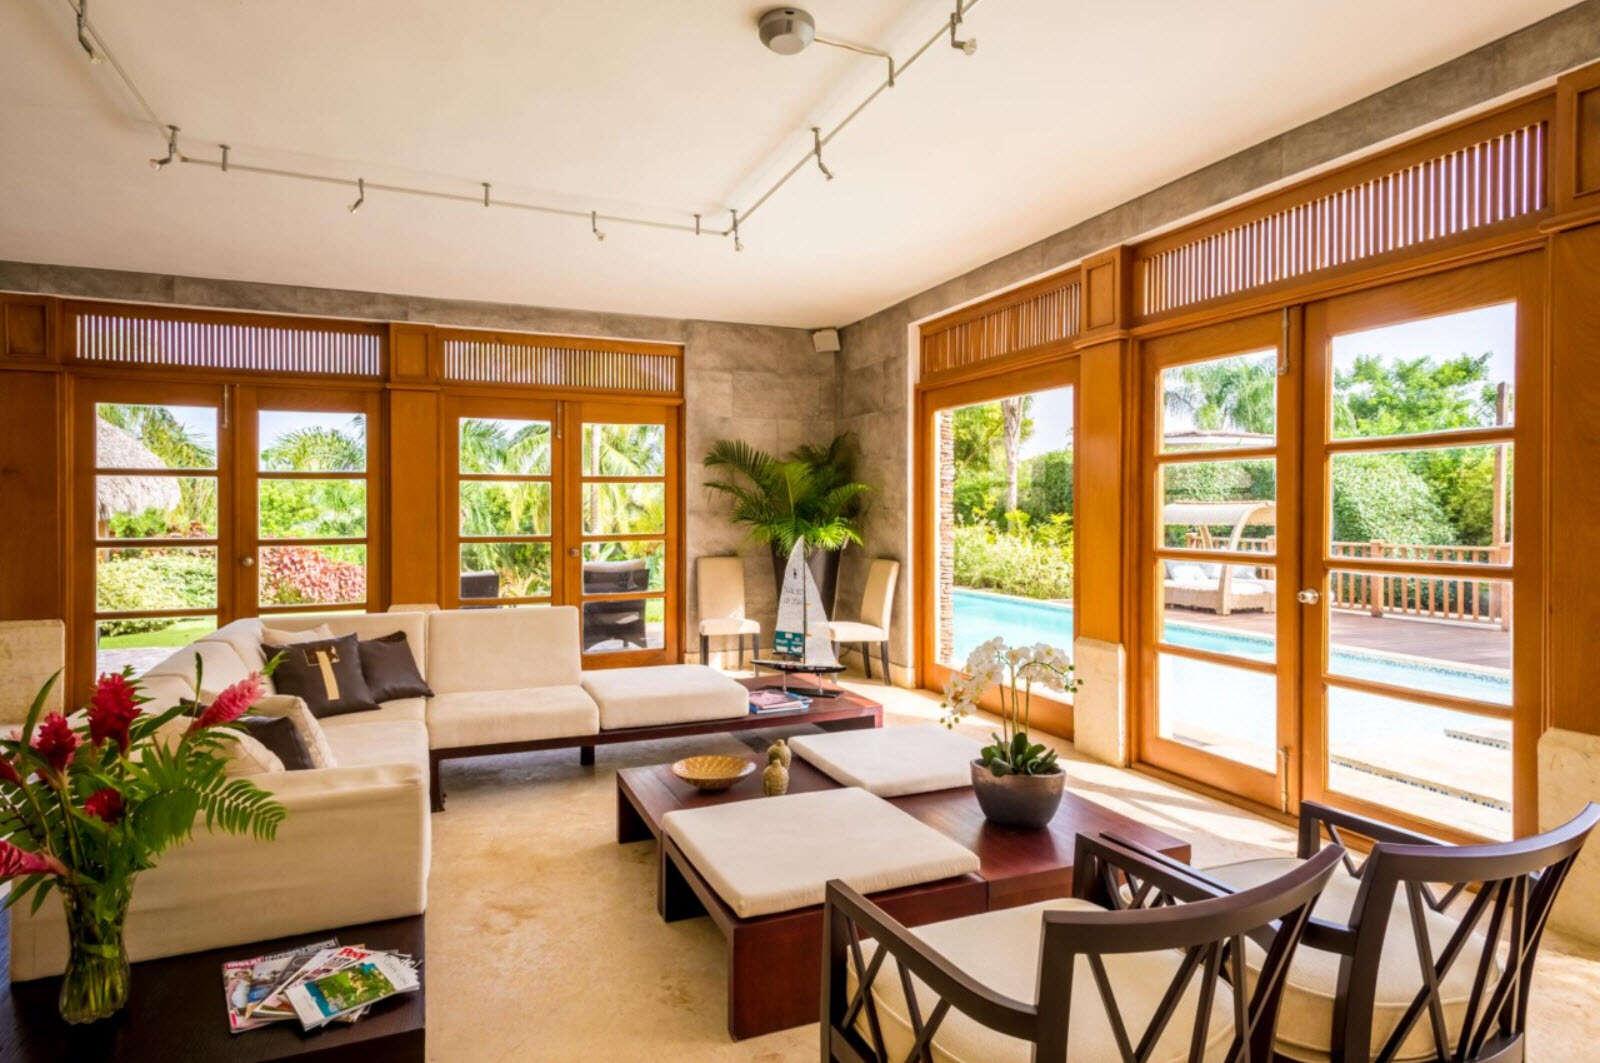 Luxury villa rentals caribbean - Dominican republic - Casa decampo - Altos de la Marina 8A - Image 1/13